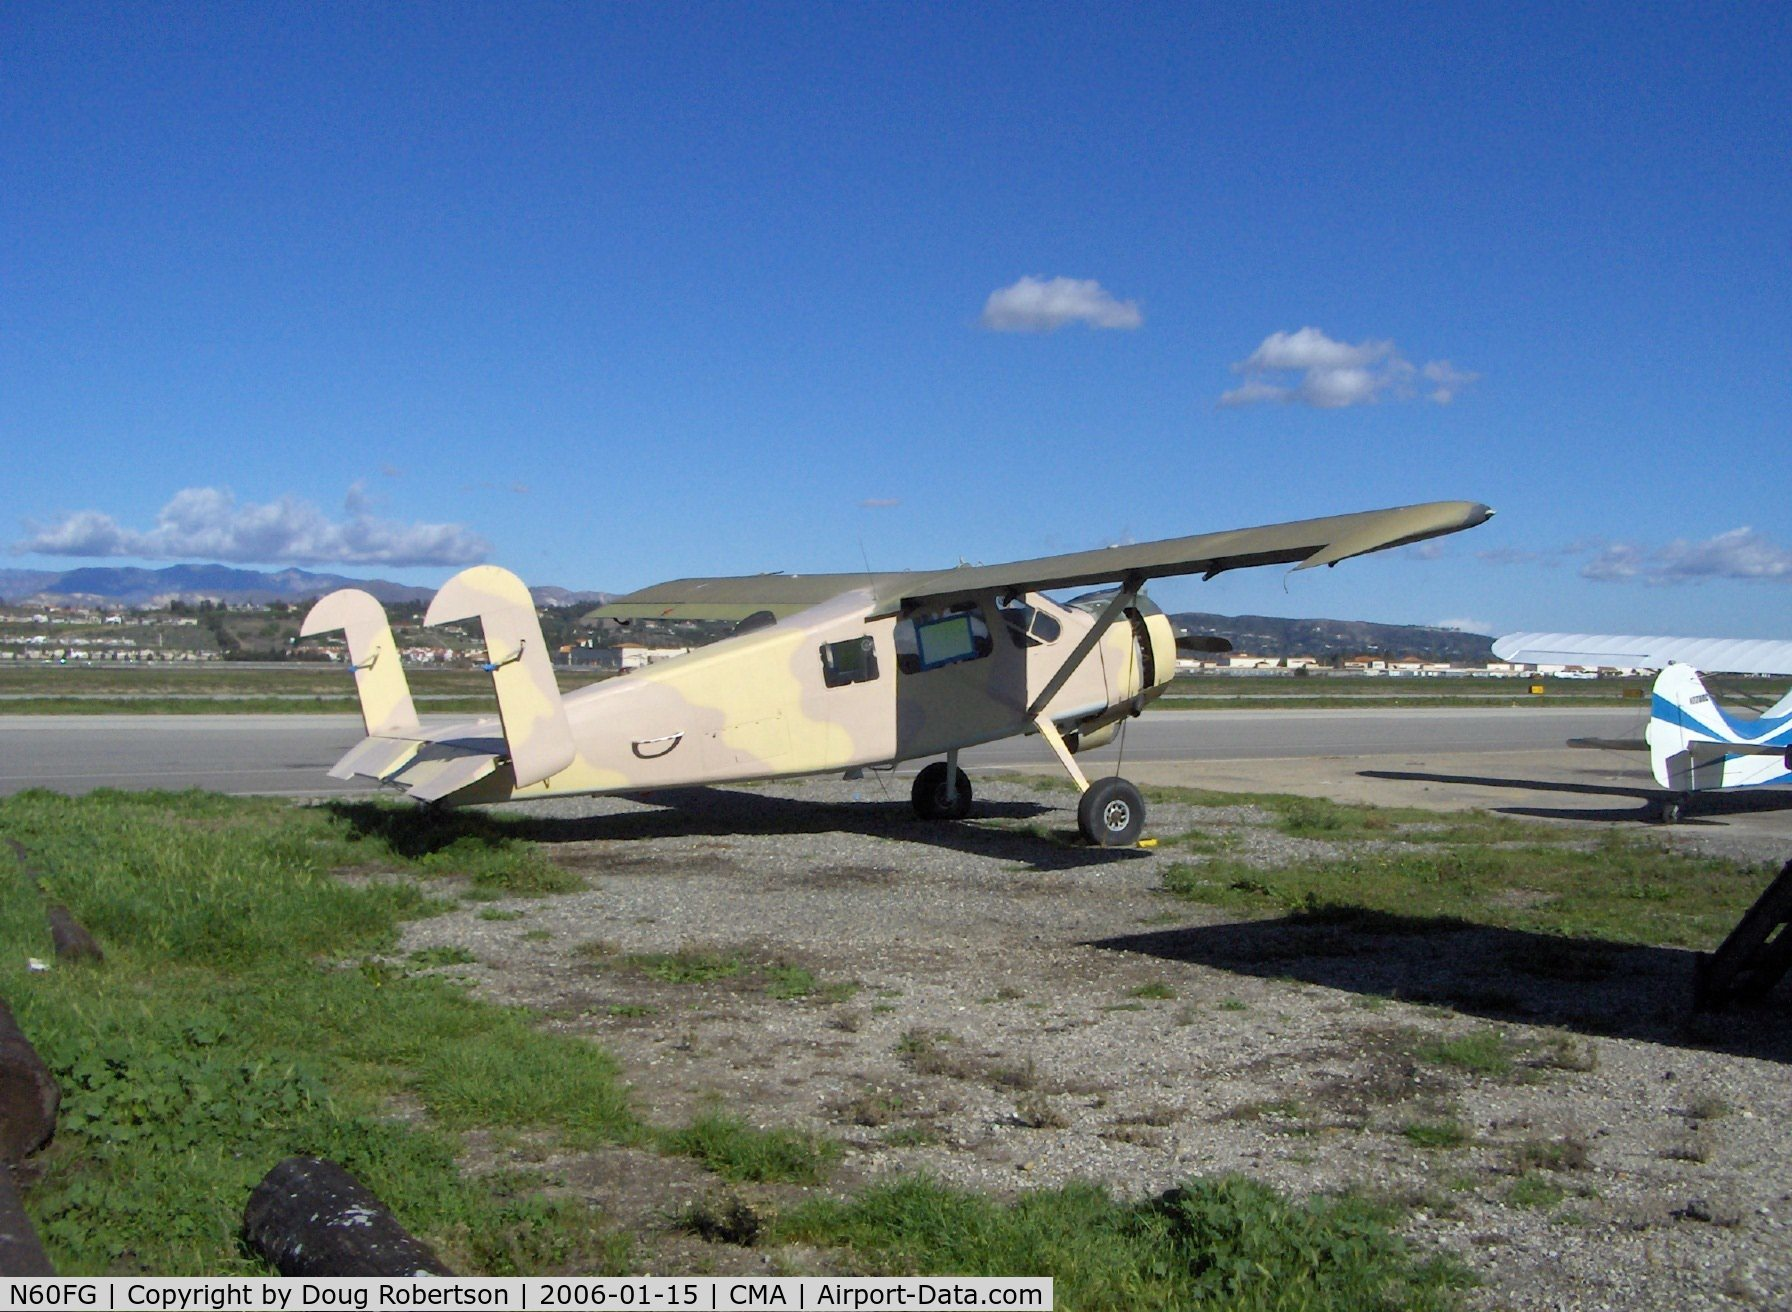 N60FG, Holste MH-1521M Broussard C/N 214, 0000 Max Holste M.H.1521M BROUSSARD, P&W R-985-AN Wasp, 450 Hp, minus its rudders, a flap and an aileron